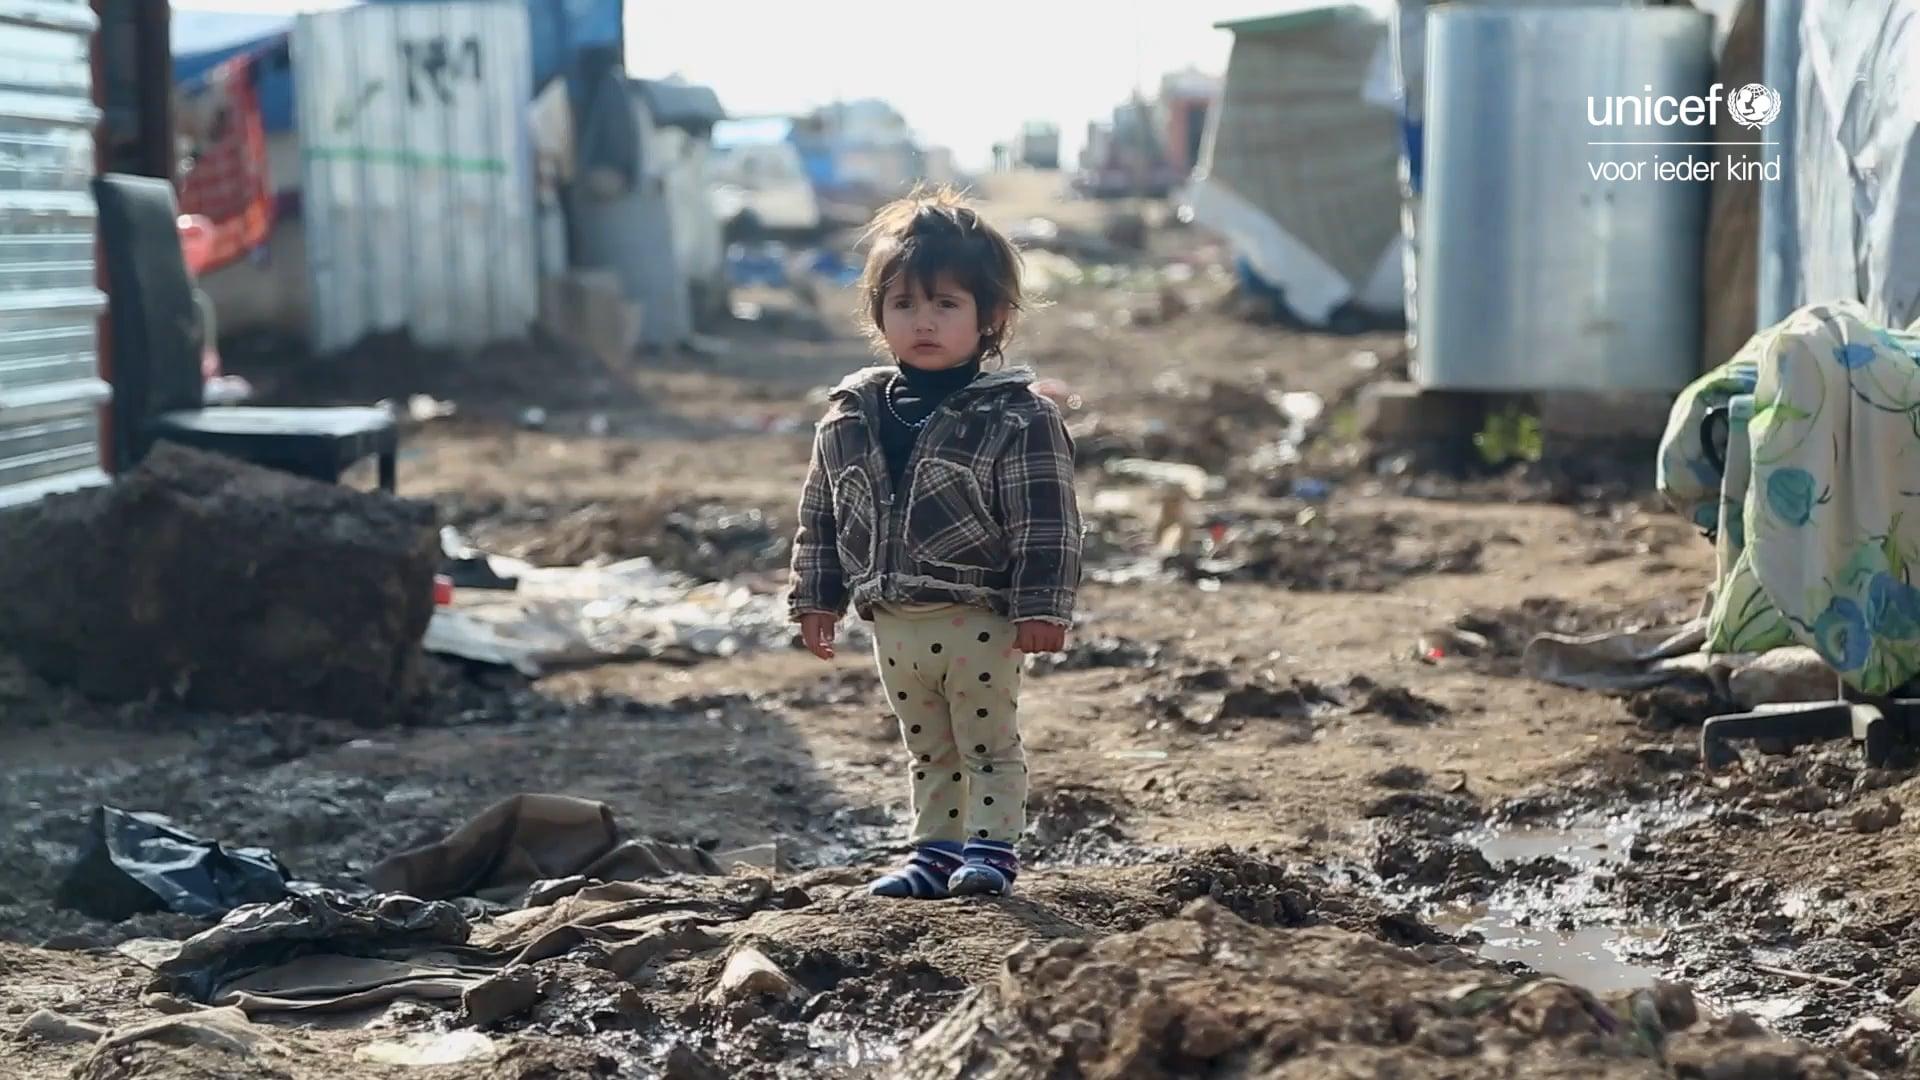 Unicef | Kinderen zijn de onzichtbare slachtoffers van de corona crisis.